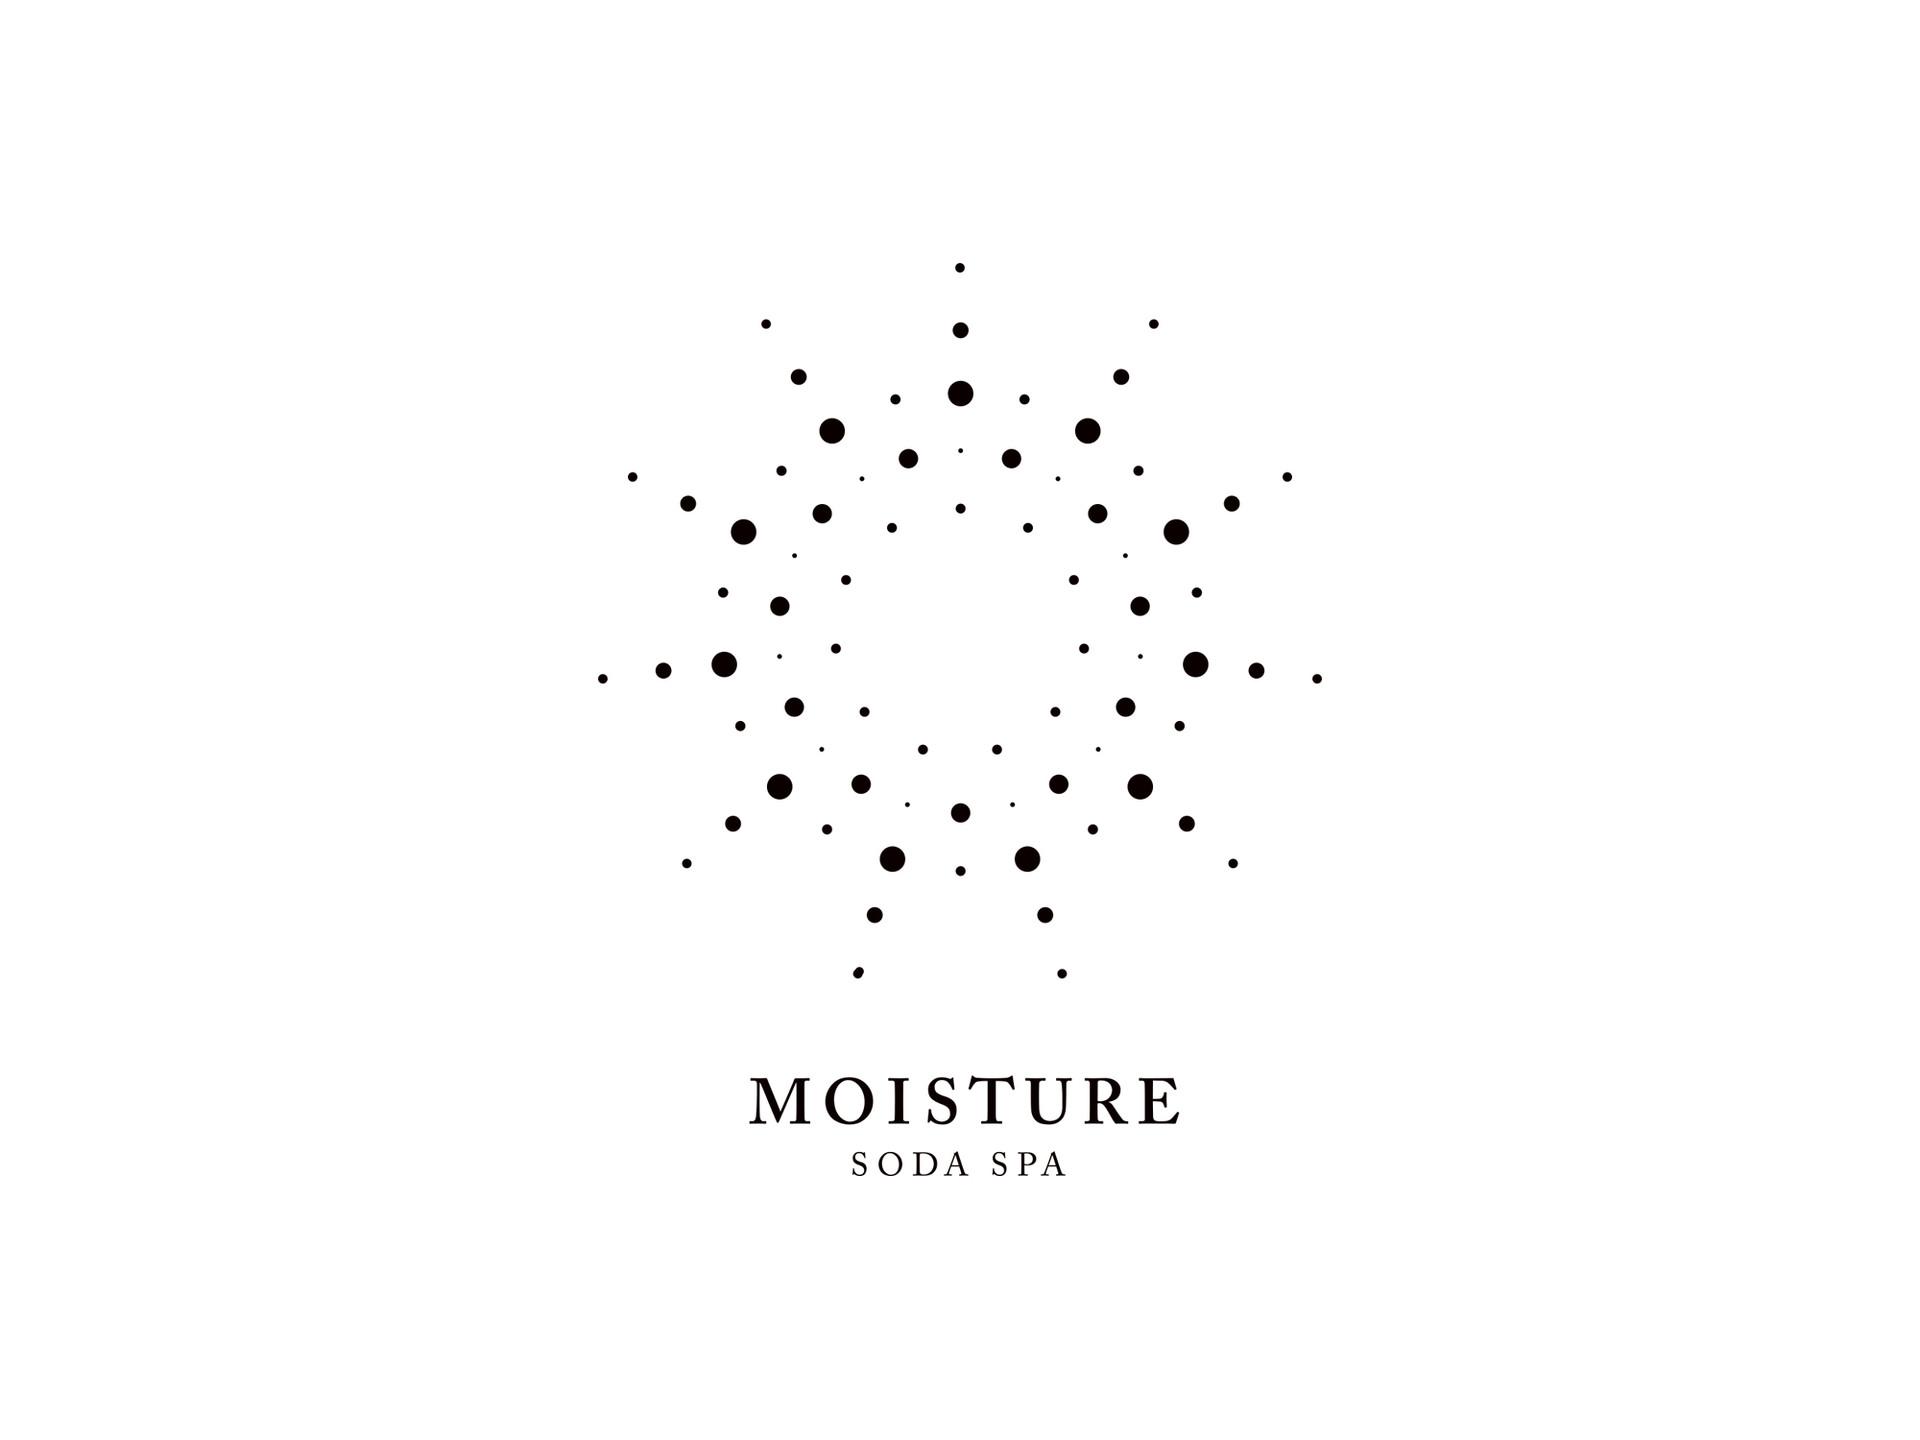 Logo Design for MOISTURE Soda Spa